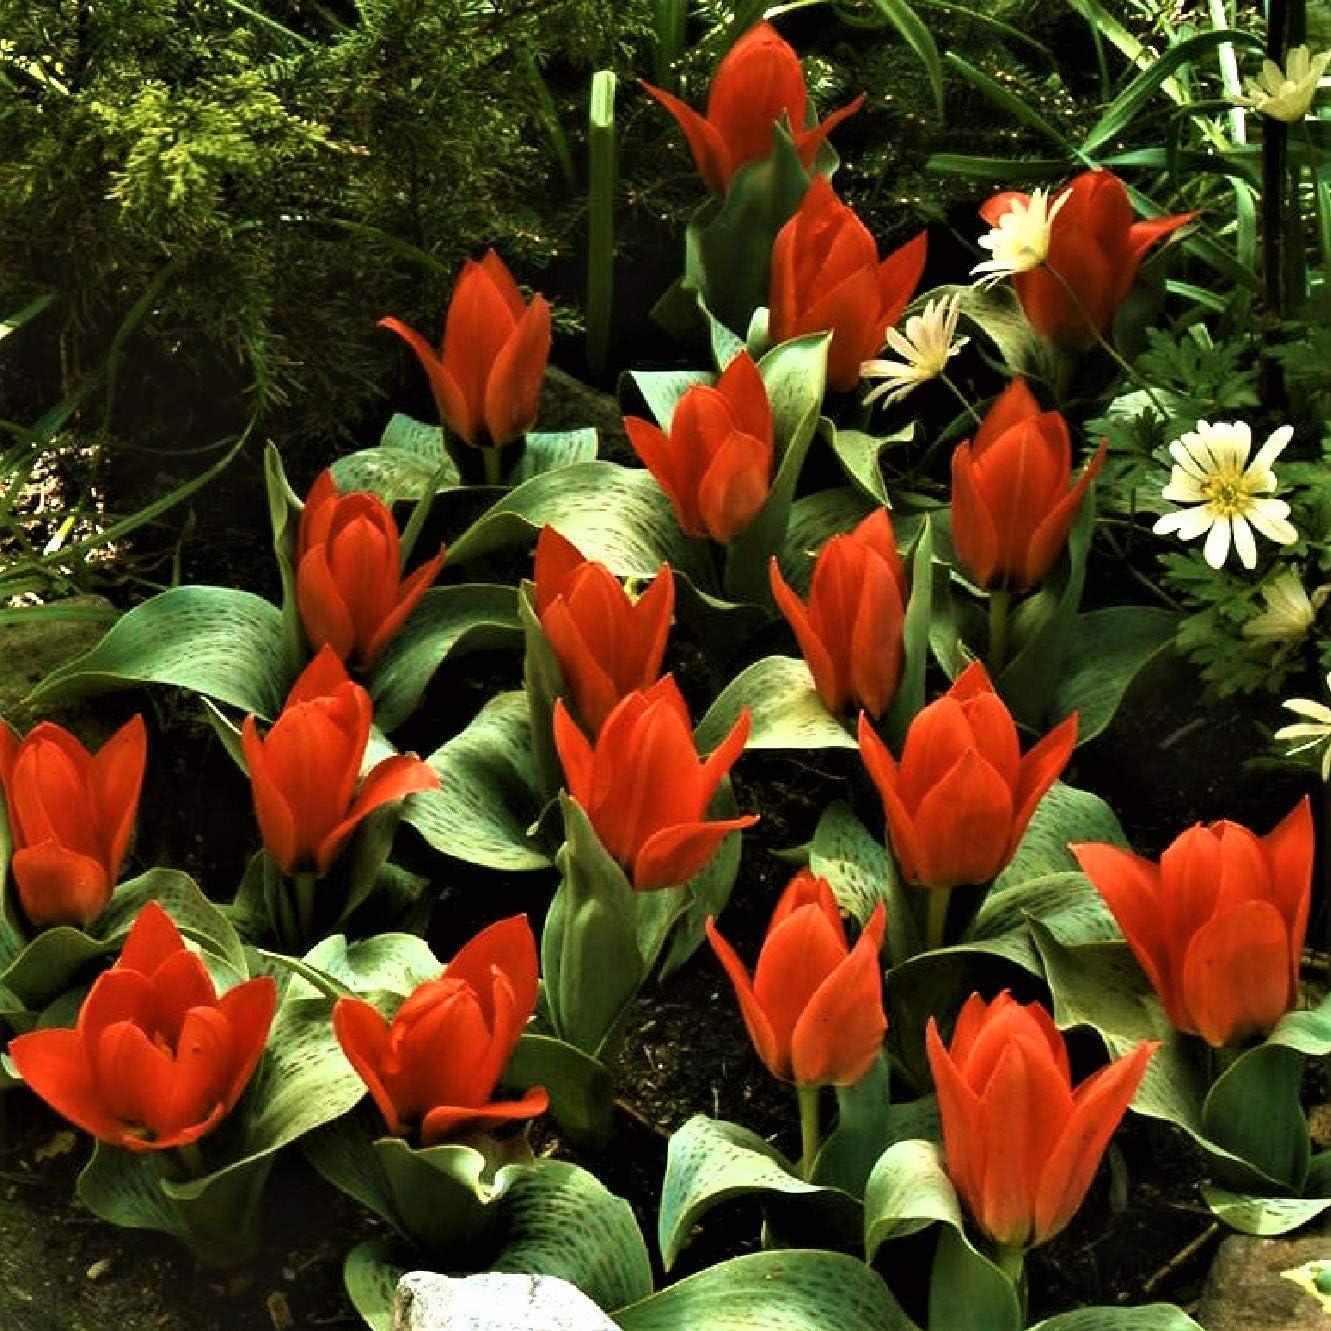 Shop Meeko 25 semillas: semillas - rocalla s belleza (25 semillas) de plantas: Amazon.es: Jardín